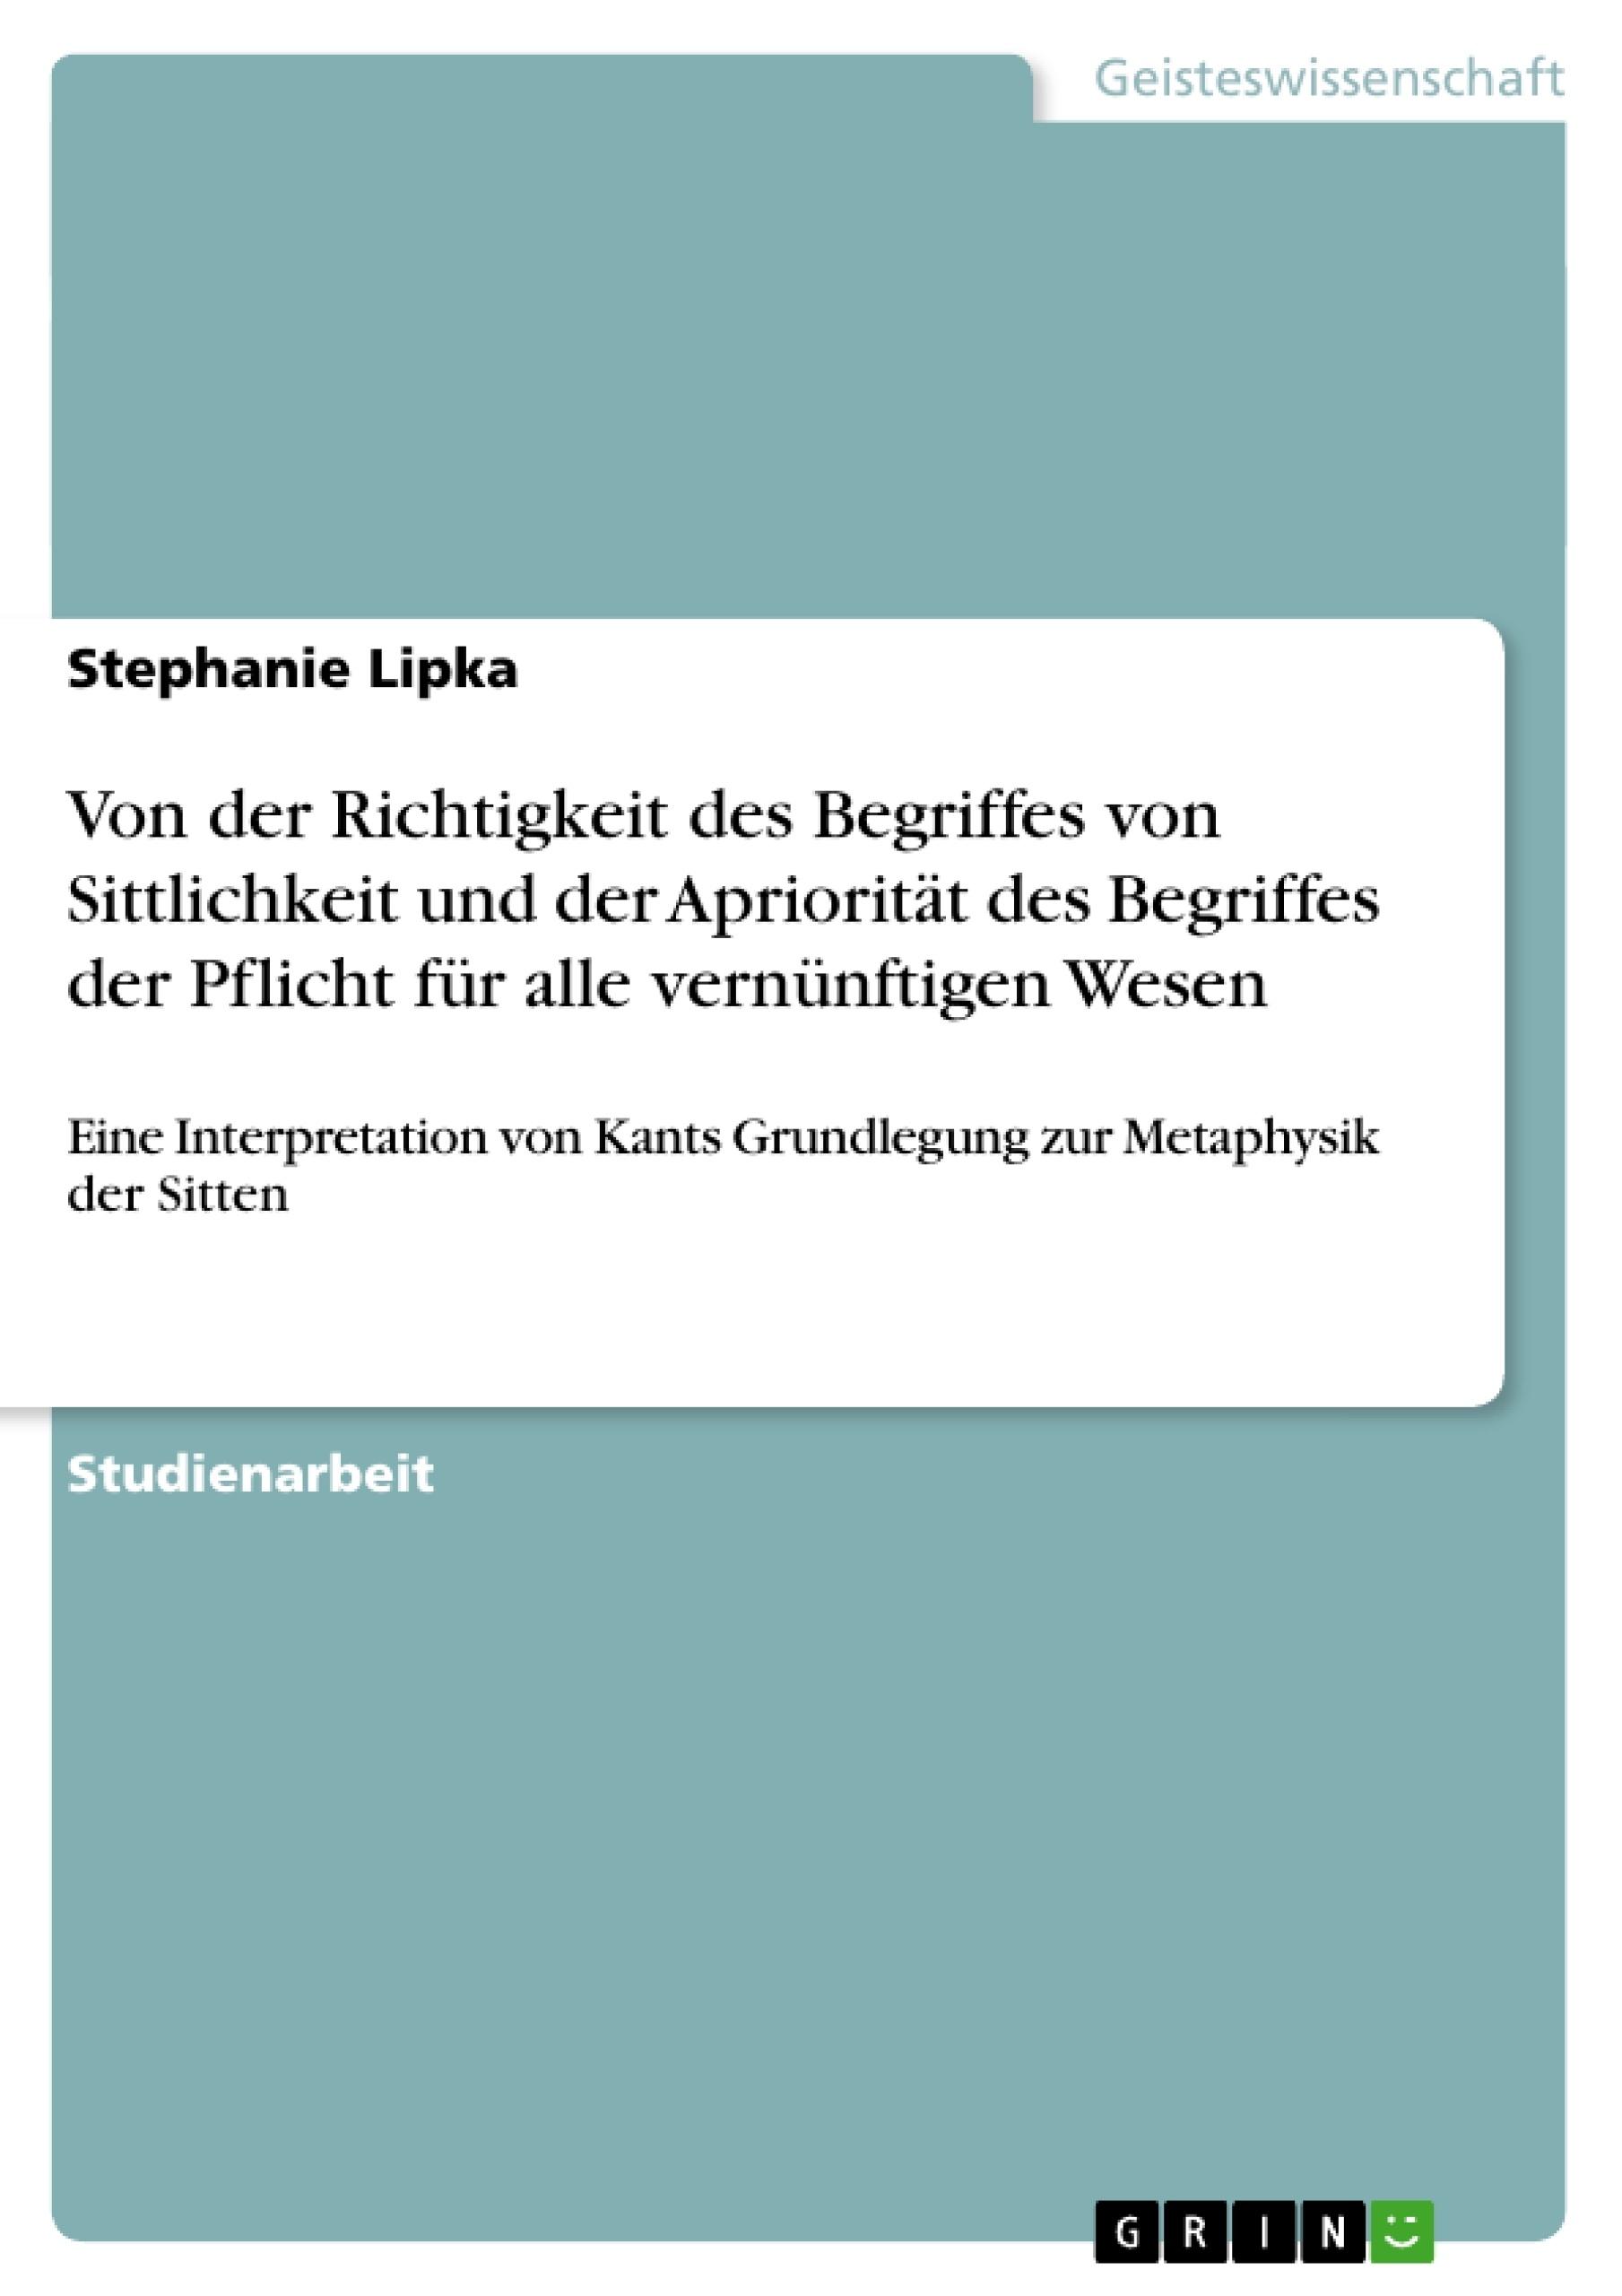 Titel: Von der Richtigkeit des Begriffes von Sittlichkeit und der Apriorität des Begriffes der Pflicht für alle vernünftigen Wesen